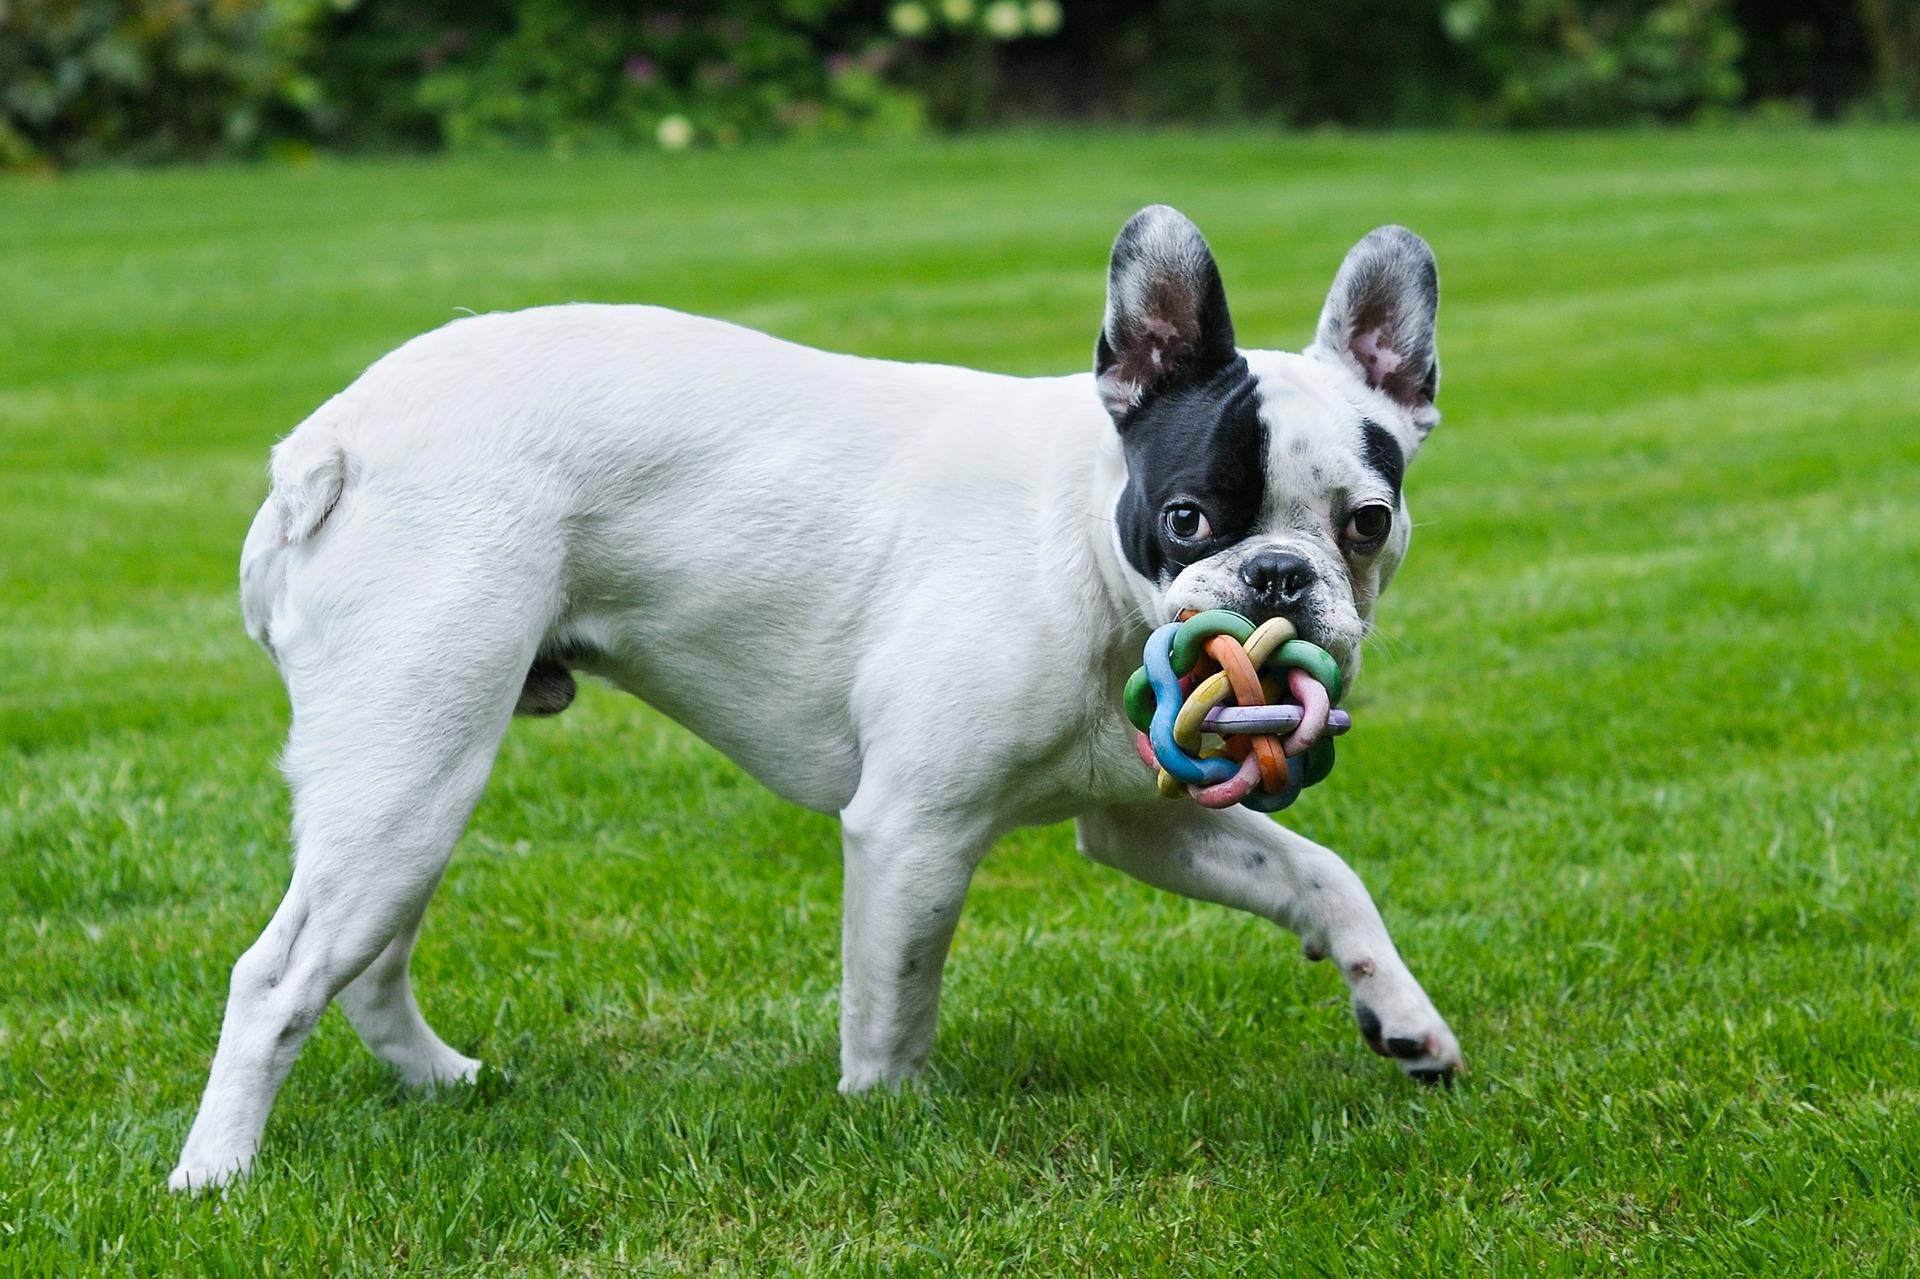 Der Hund lernt wie man spielt